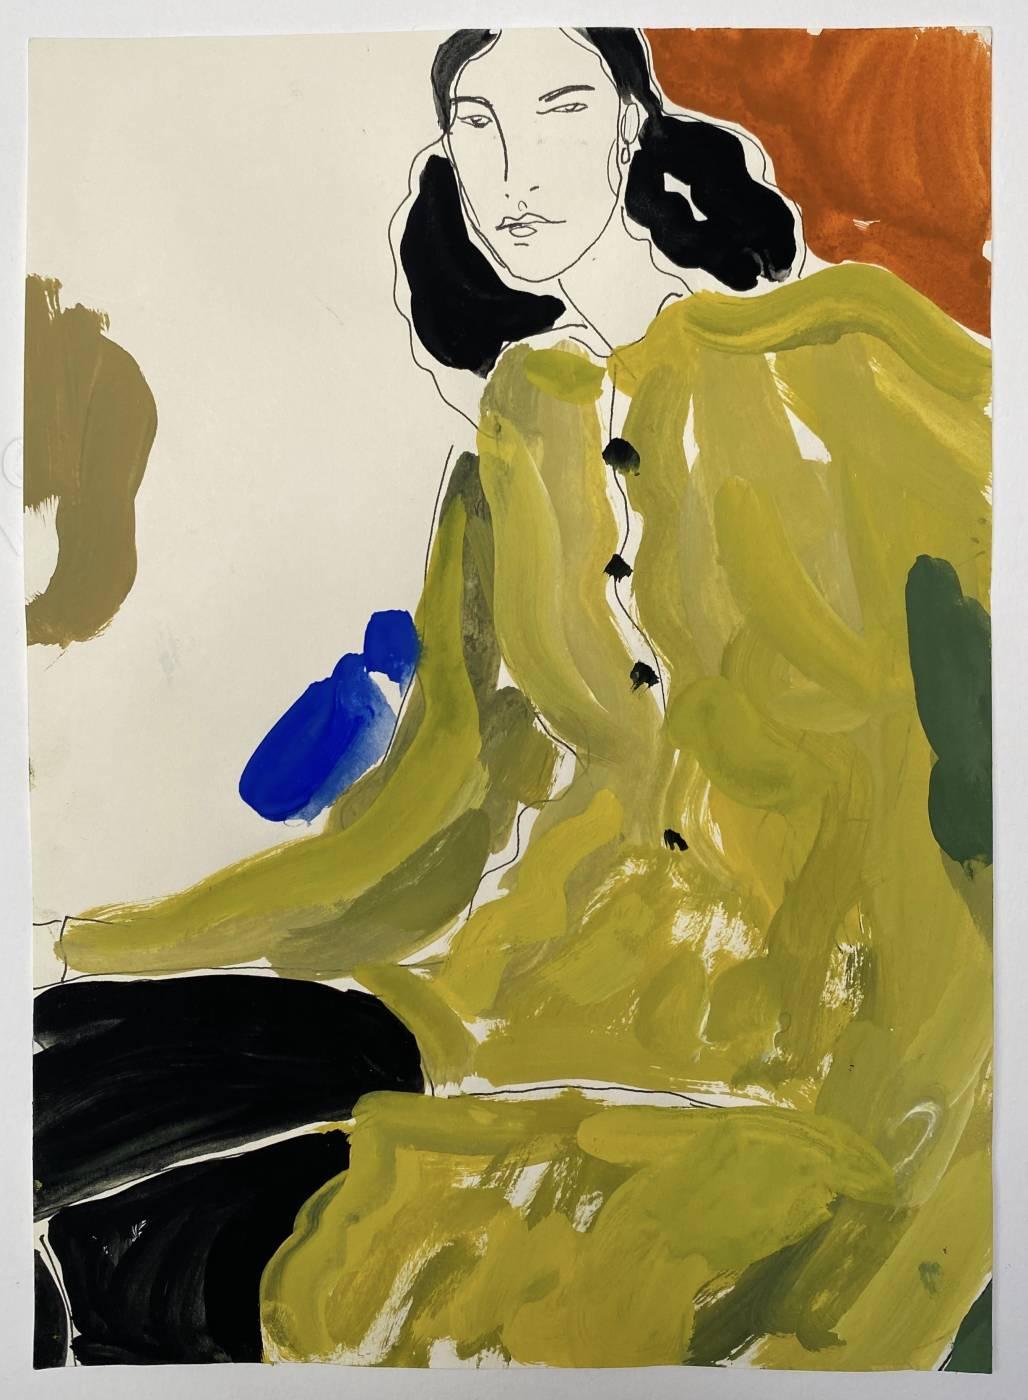 Untitled (women in yellow dress)